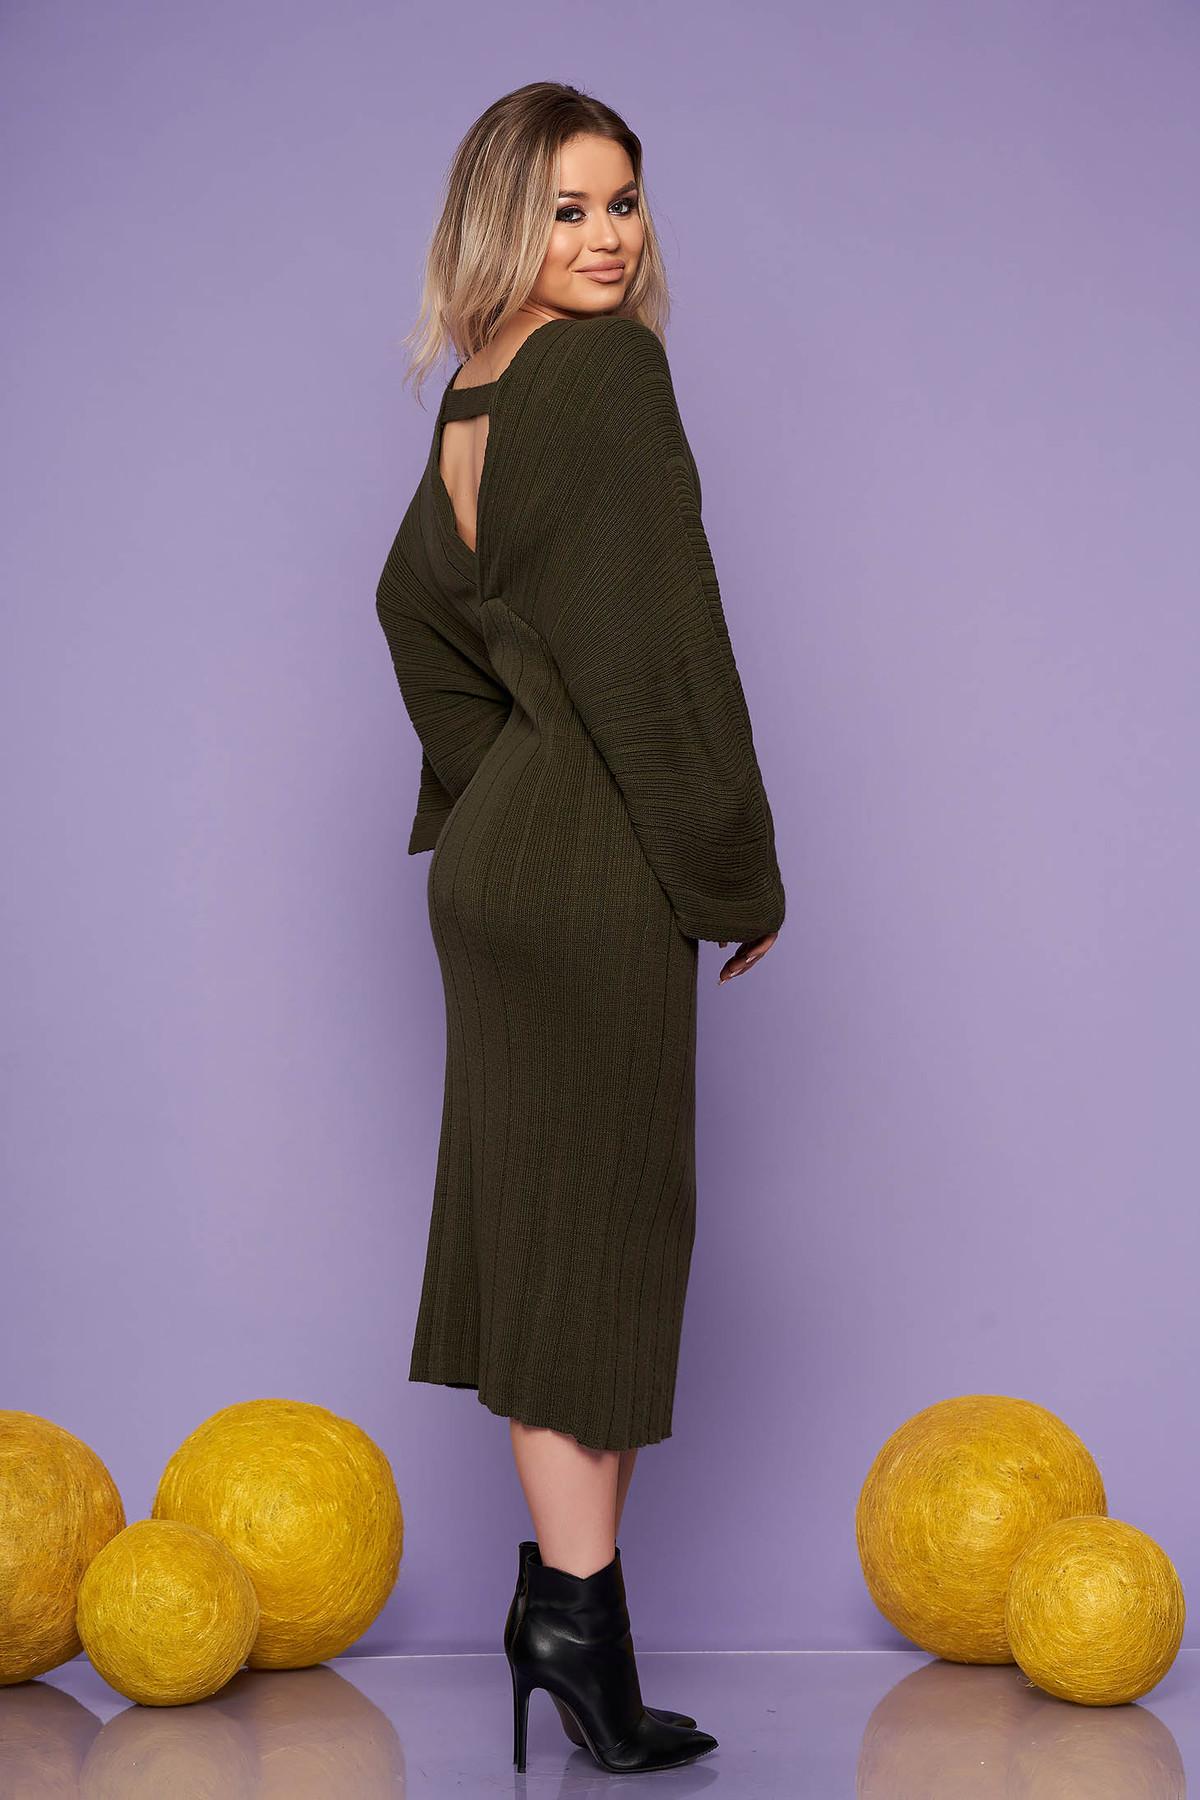 Rochie SunShine khaki midi de zi din material tricotat cu un croi drept cu decolteu in v si maneci largi